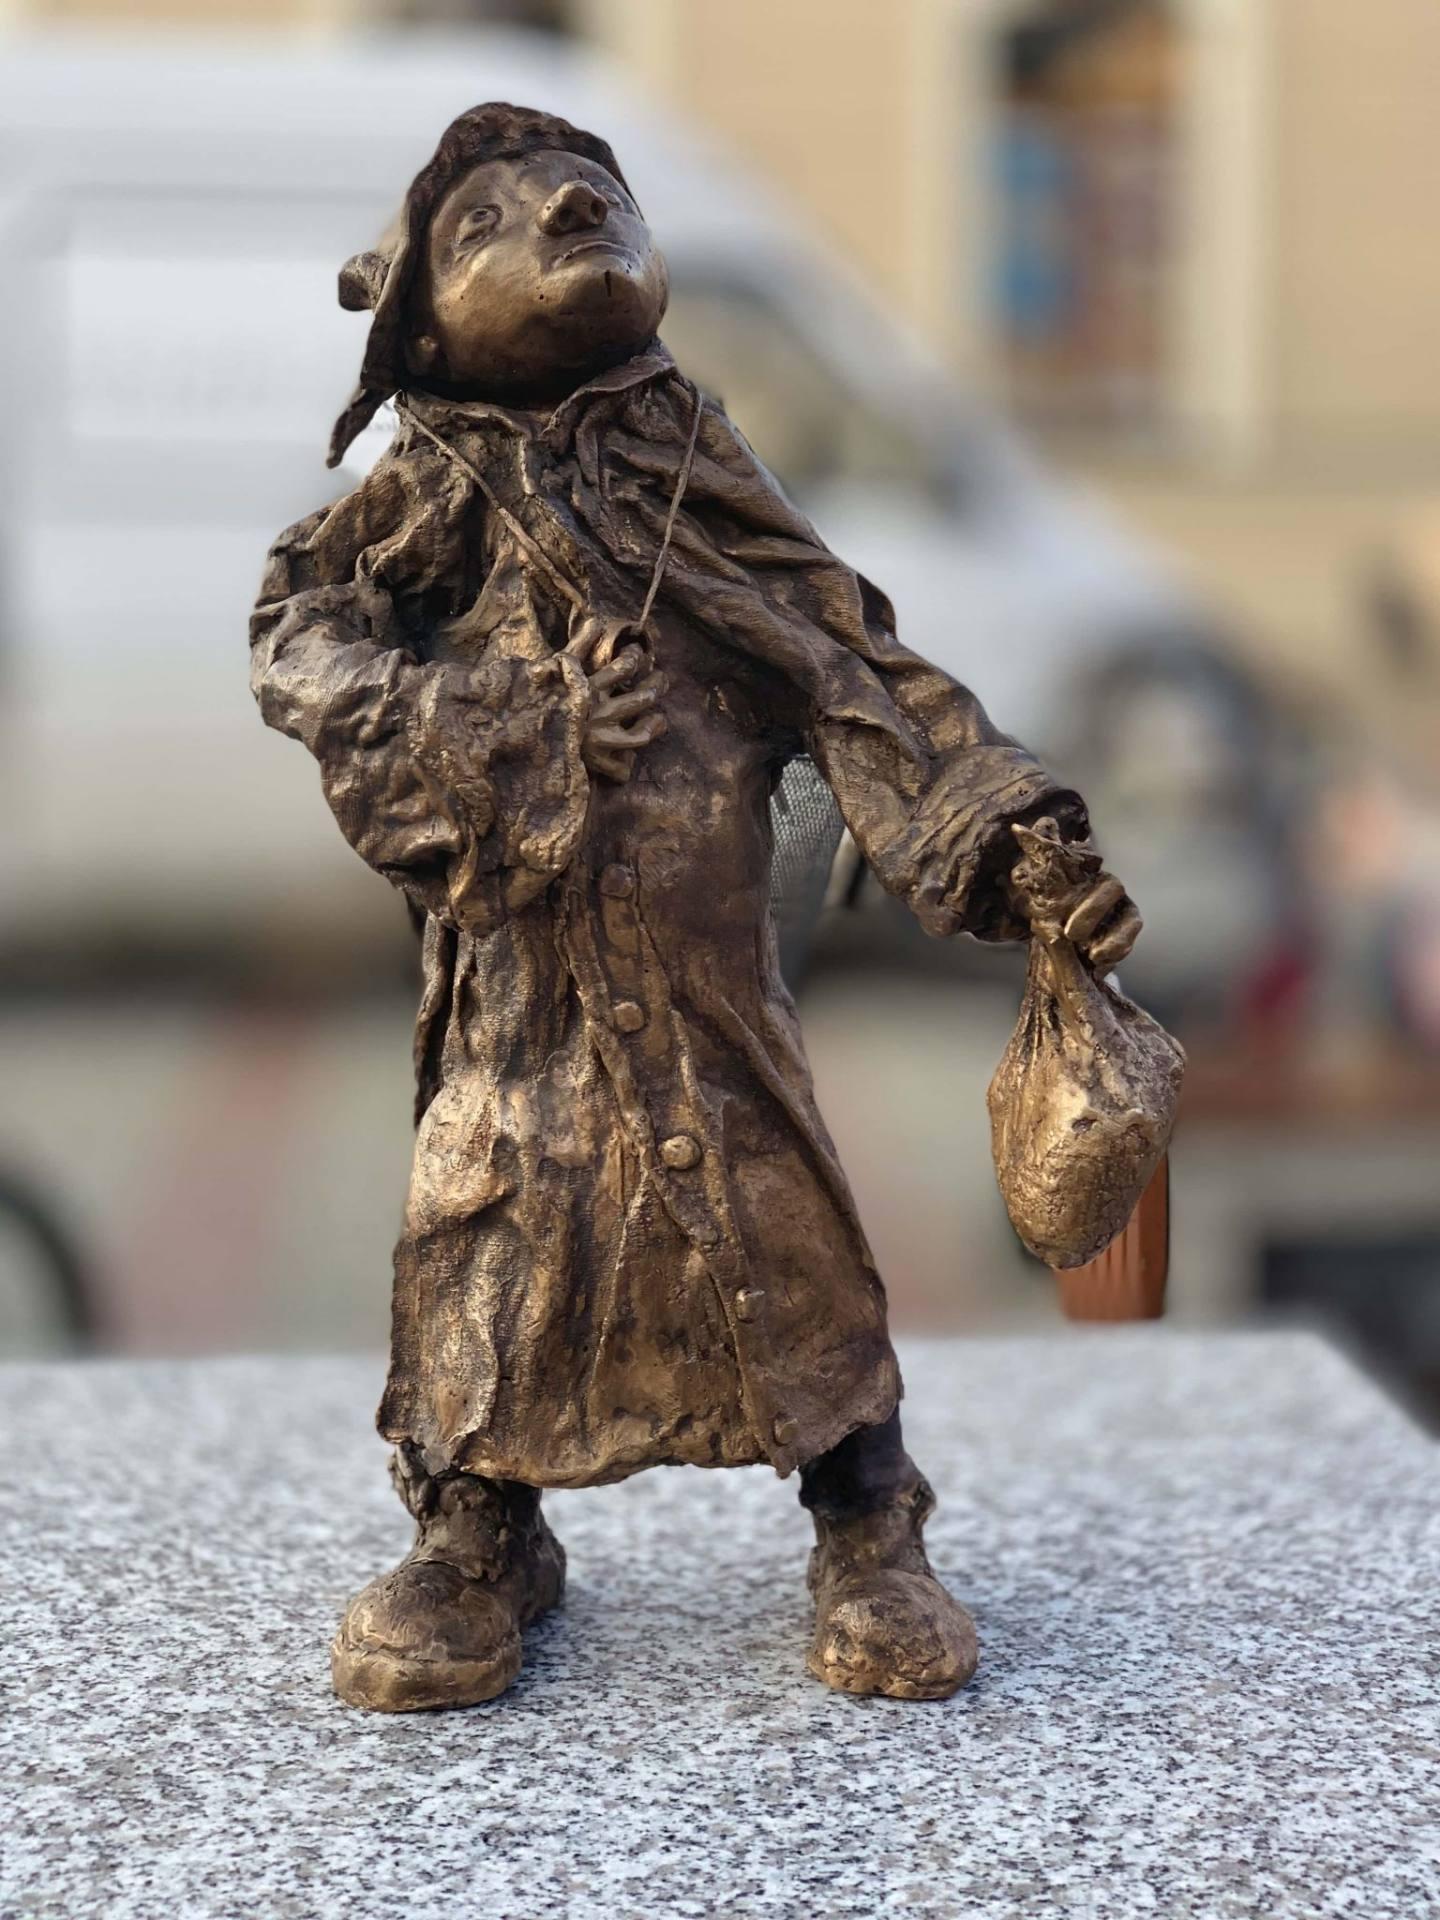 img 9777 Złodziej figurek z zamojskiej starówki zatrzymany (zdjęcia)